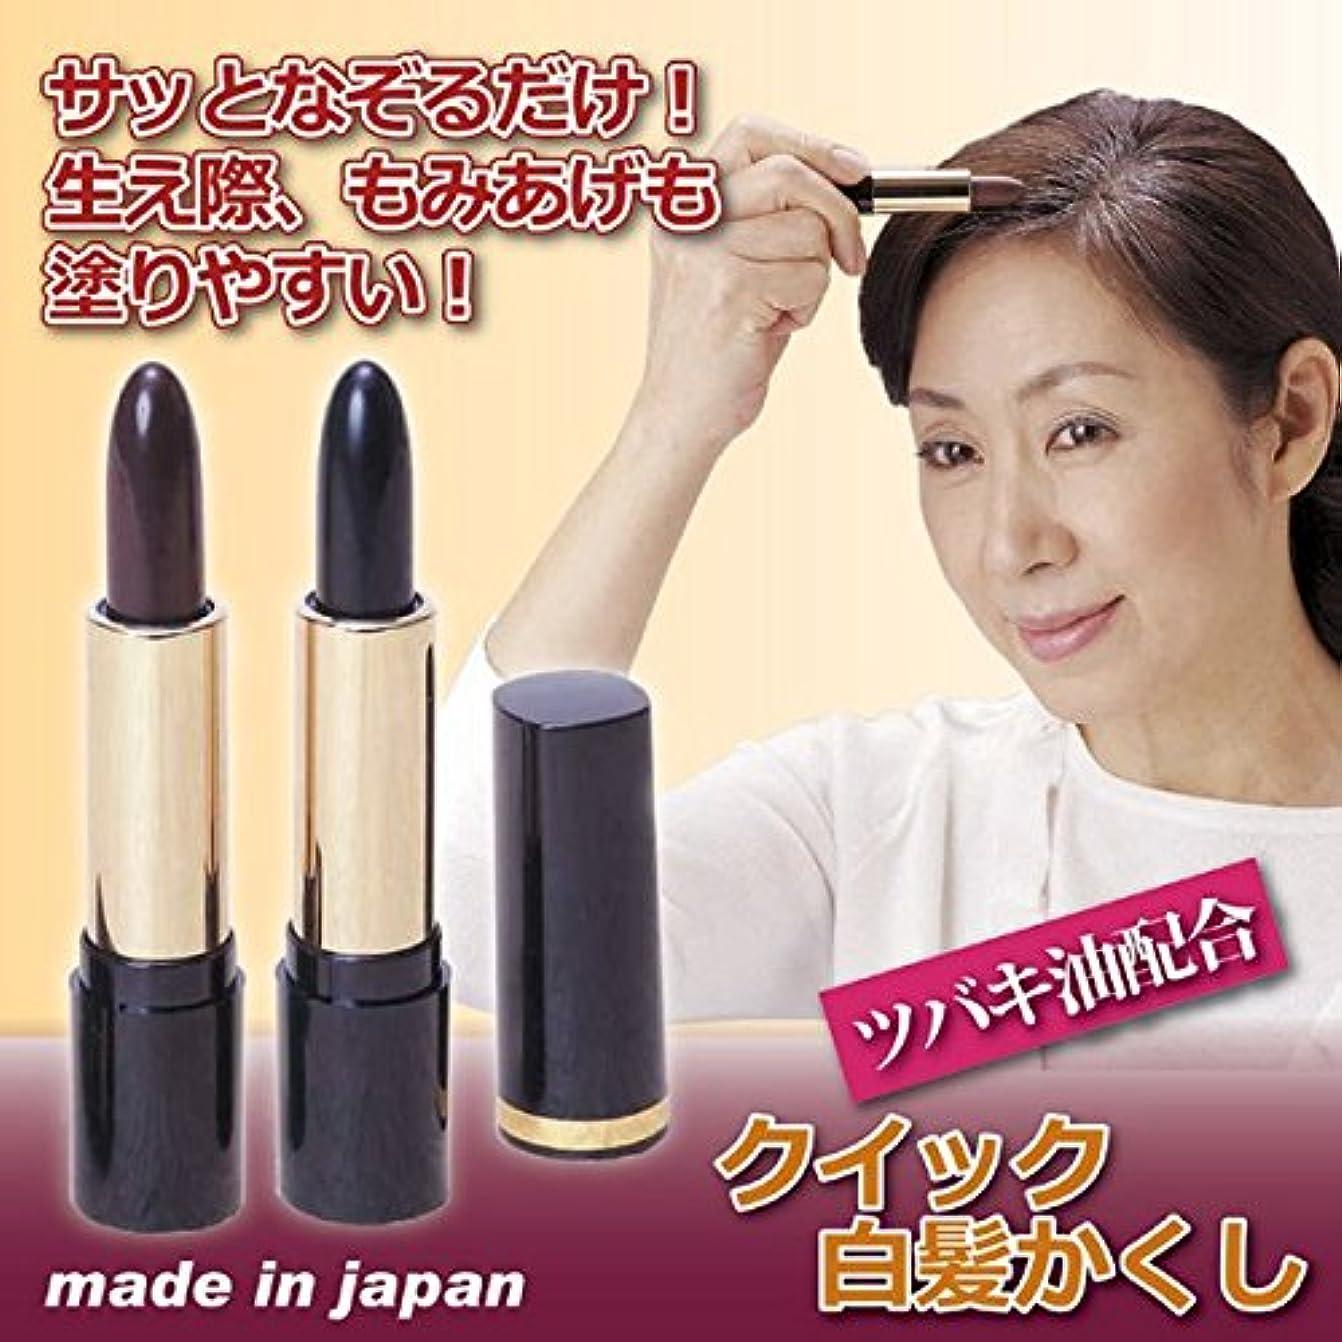 クイック白髪かくし (男女兼用/ブラウン) 無香料 日本製